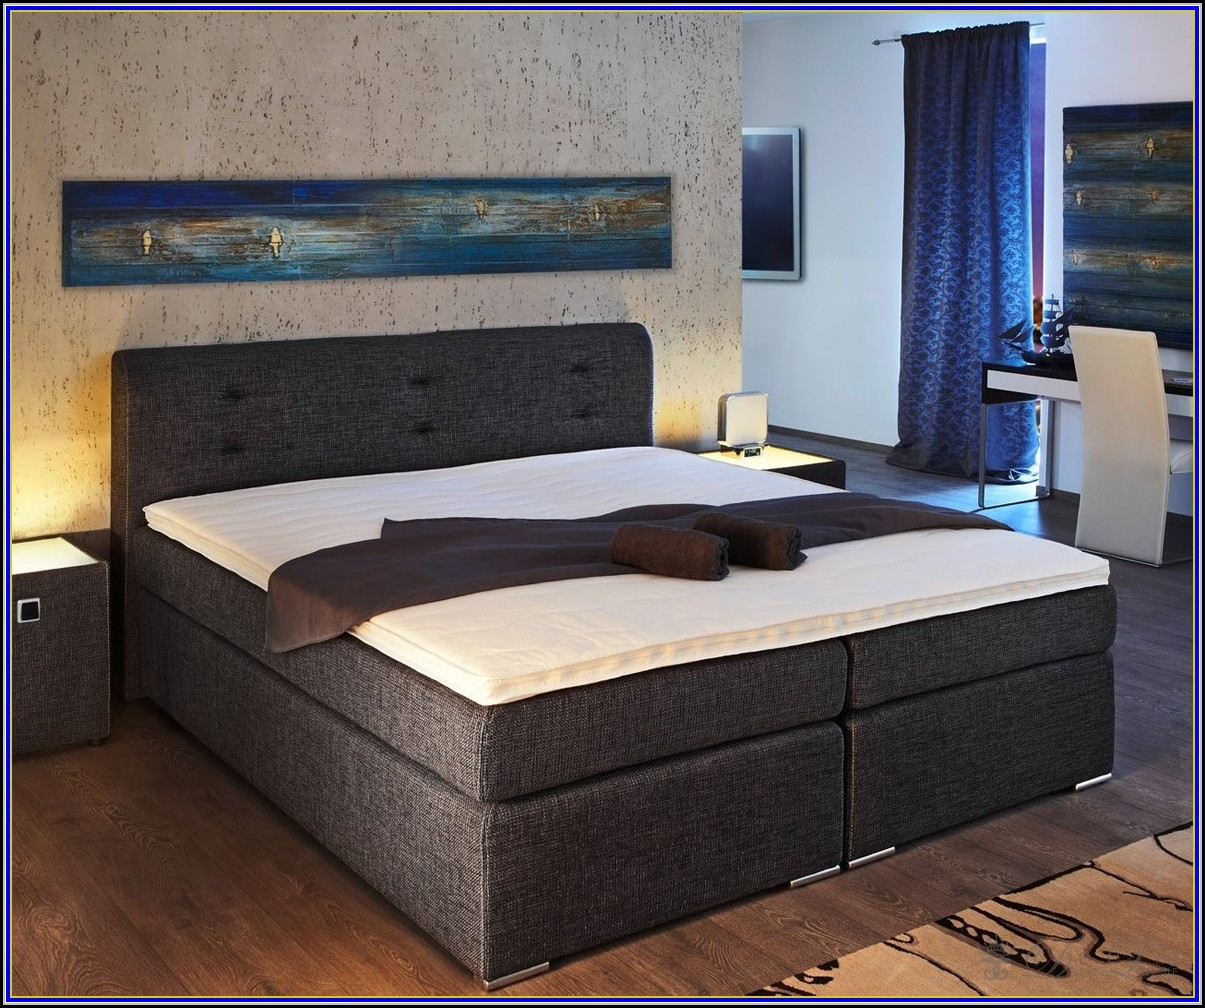 bett mit bettkasten 180x200 ikea betten house und. Black Bedroom Furniture Sets. Home Design Ideas